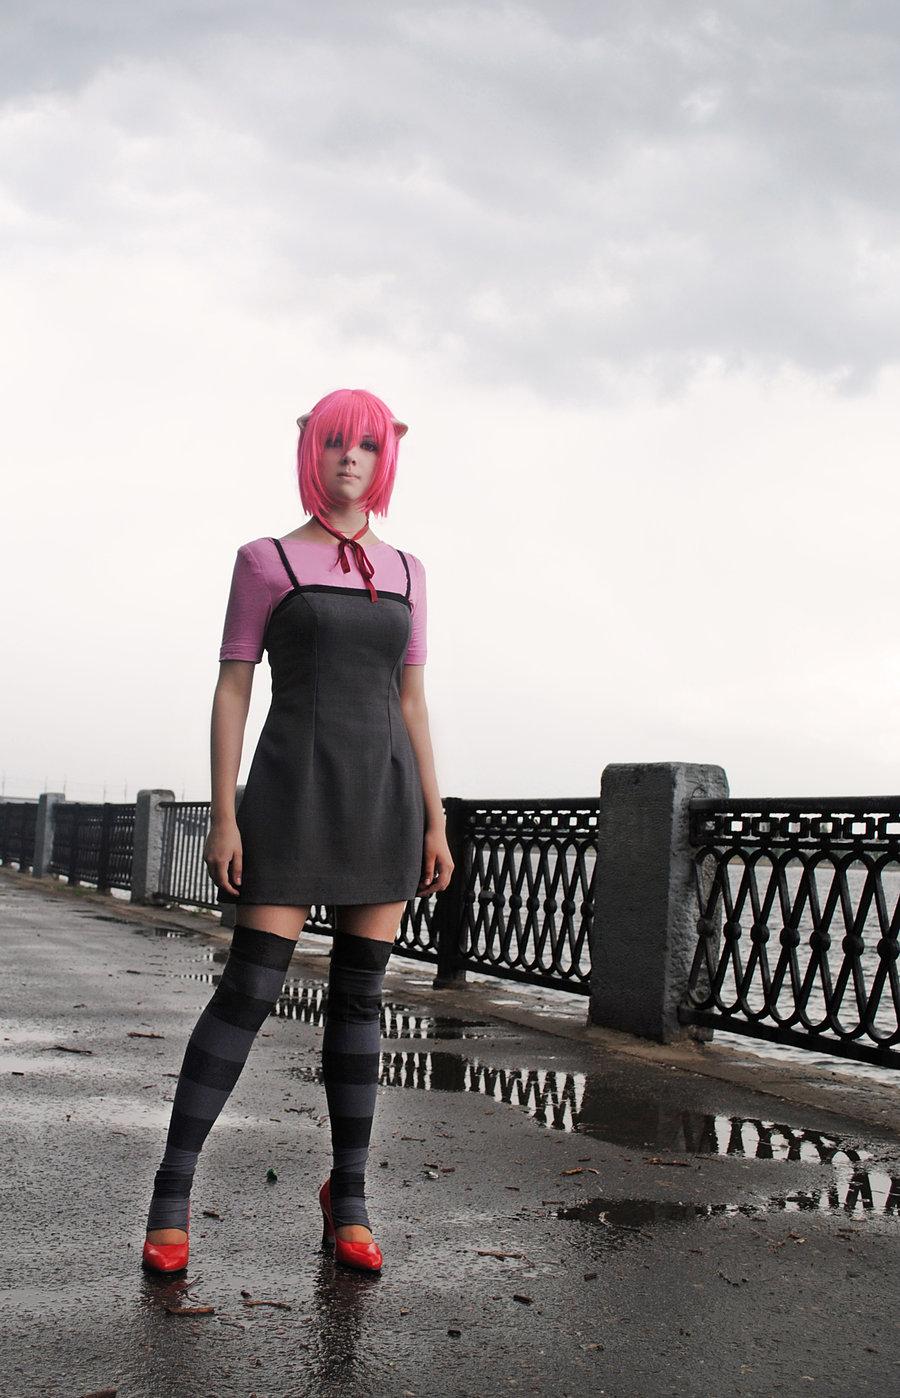 Elfen lied cosplay xxx sexy videos